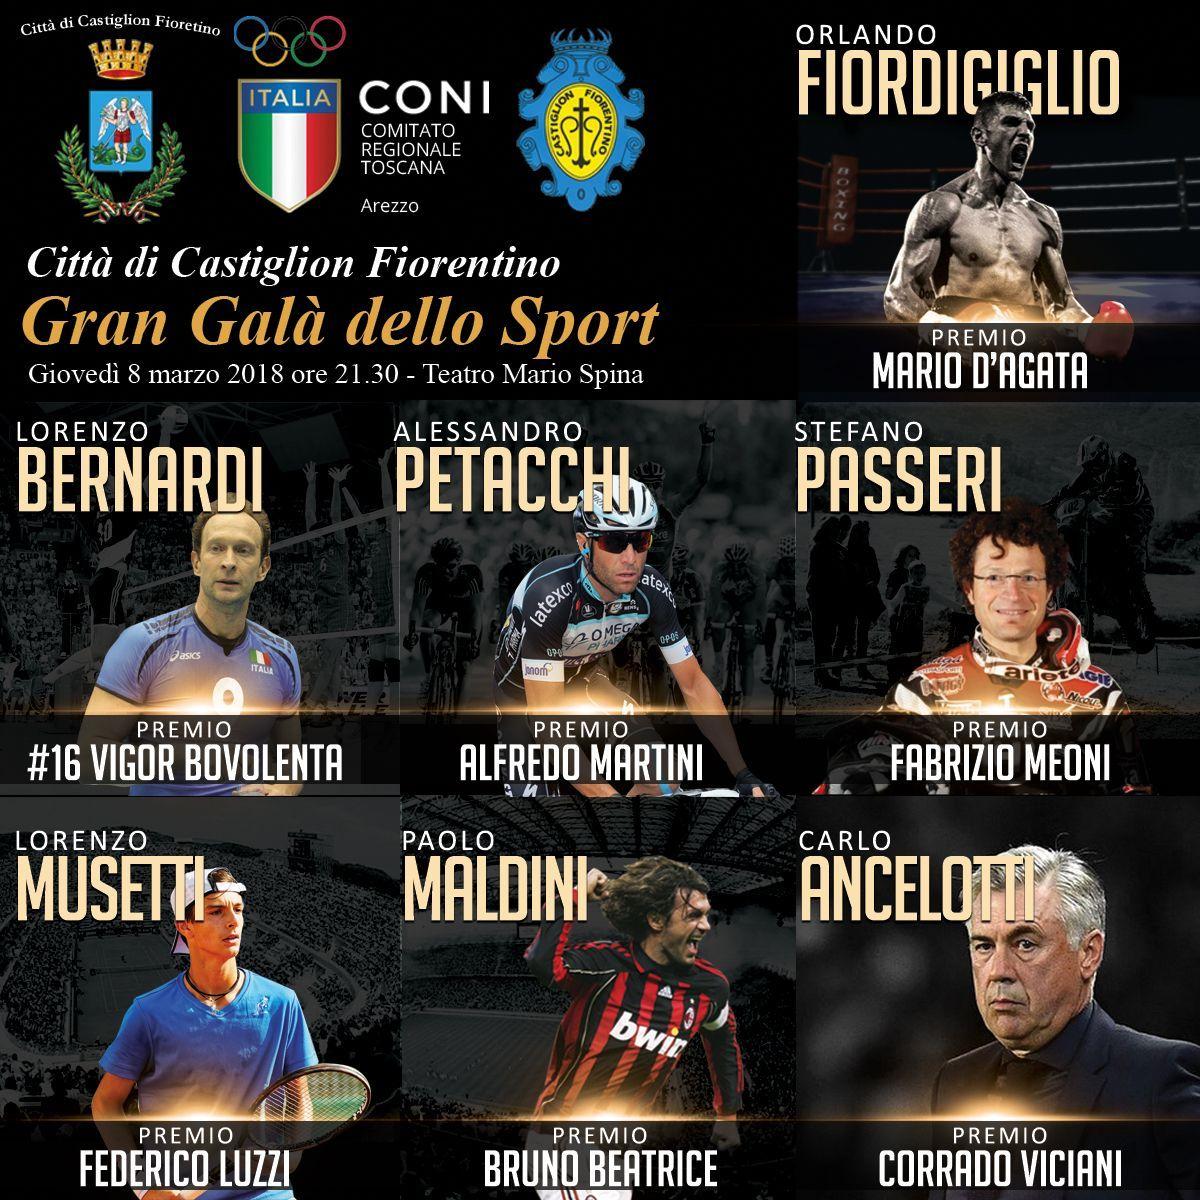 Maldini, Ancelotti, Bernardi e tanti altri premiati al Gran Galà dello Sport